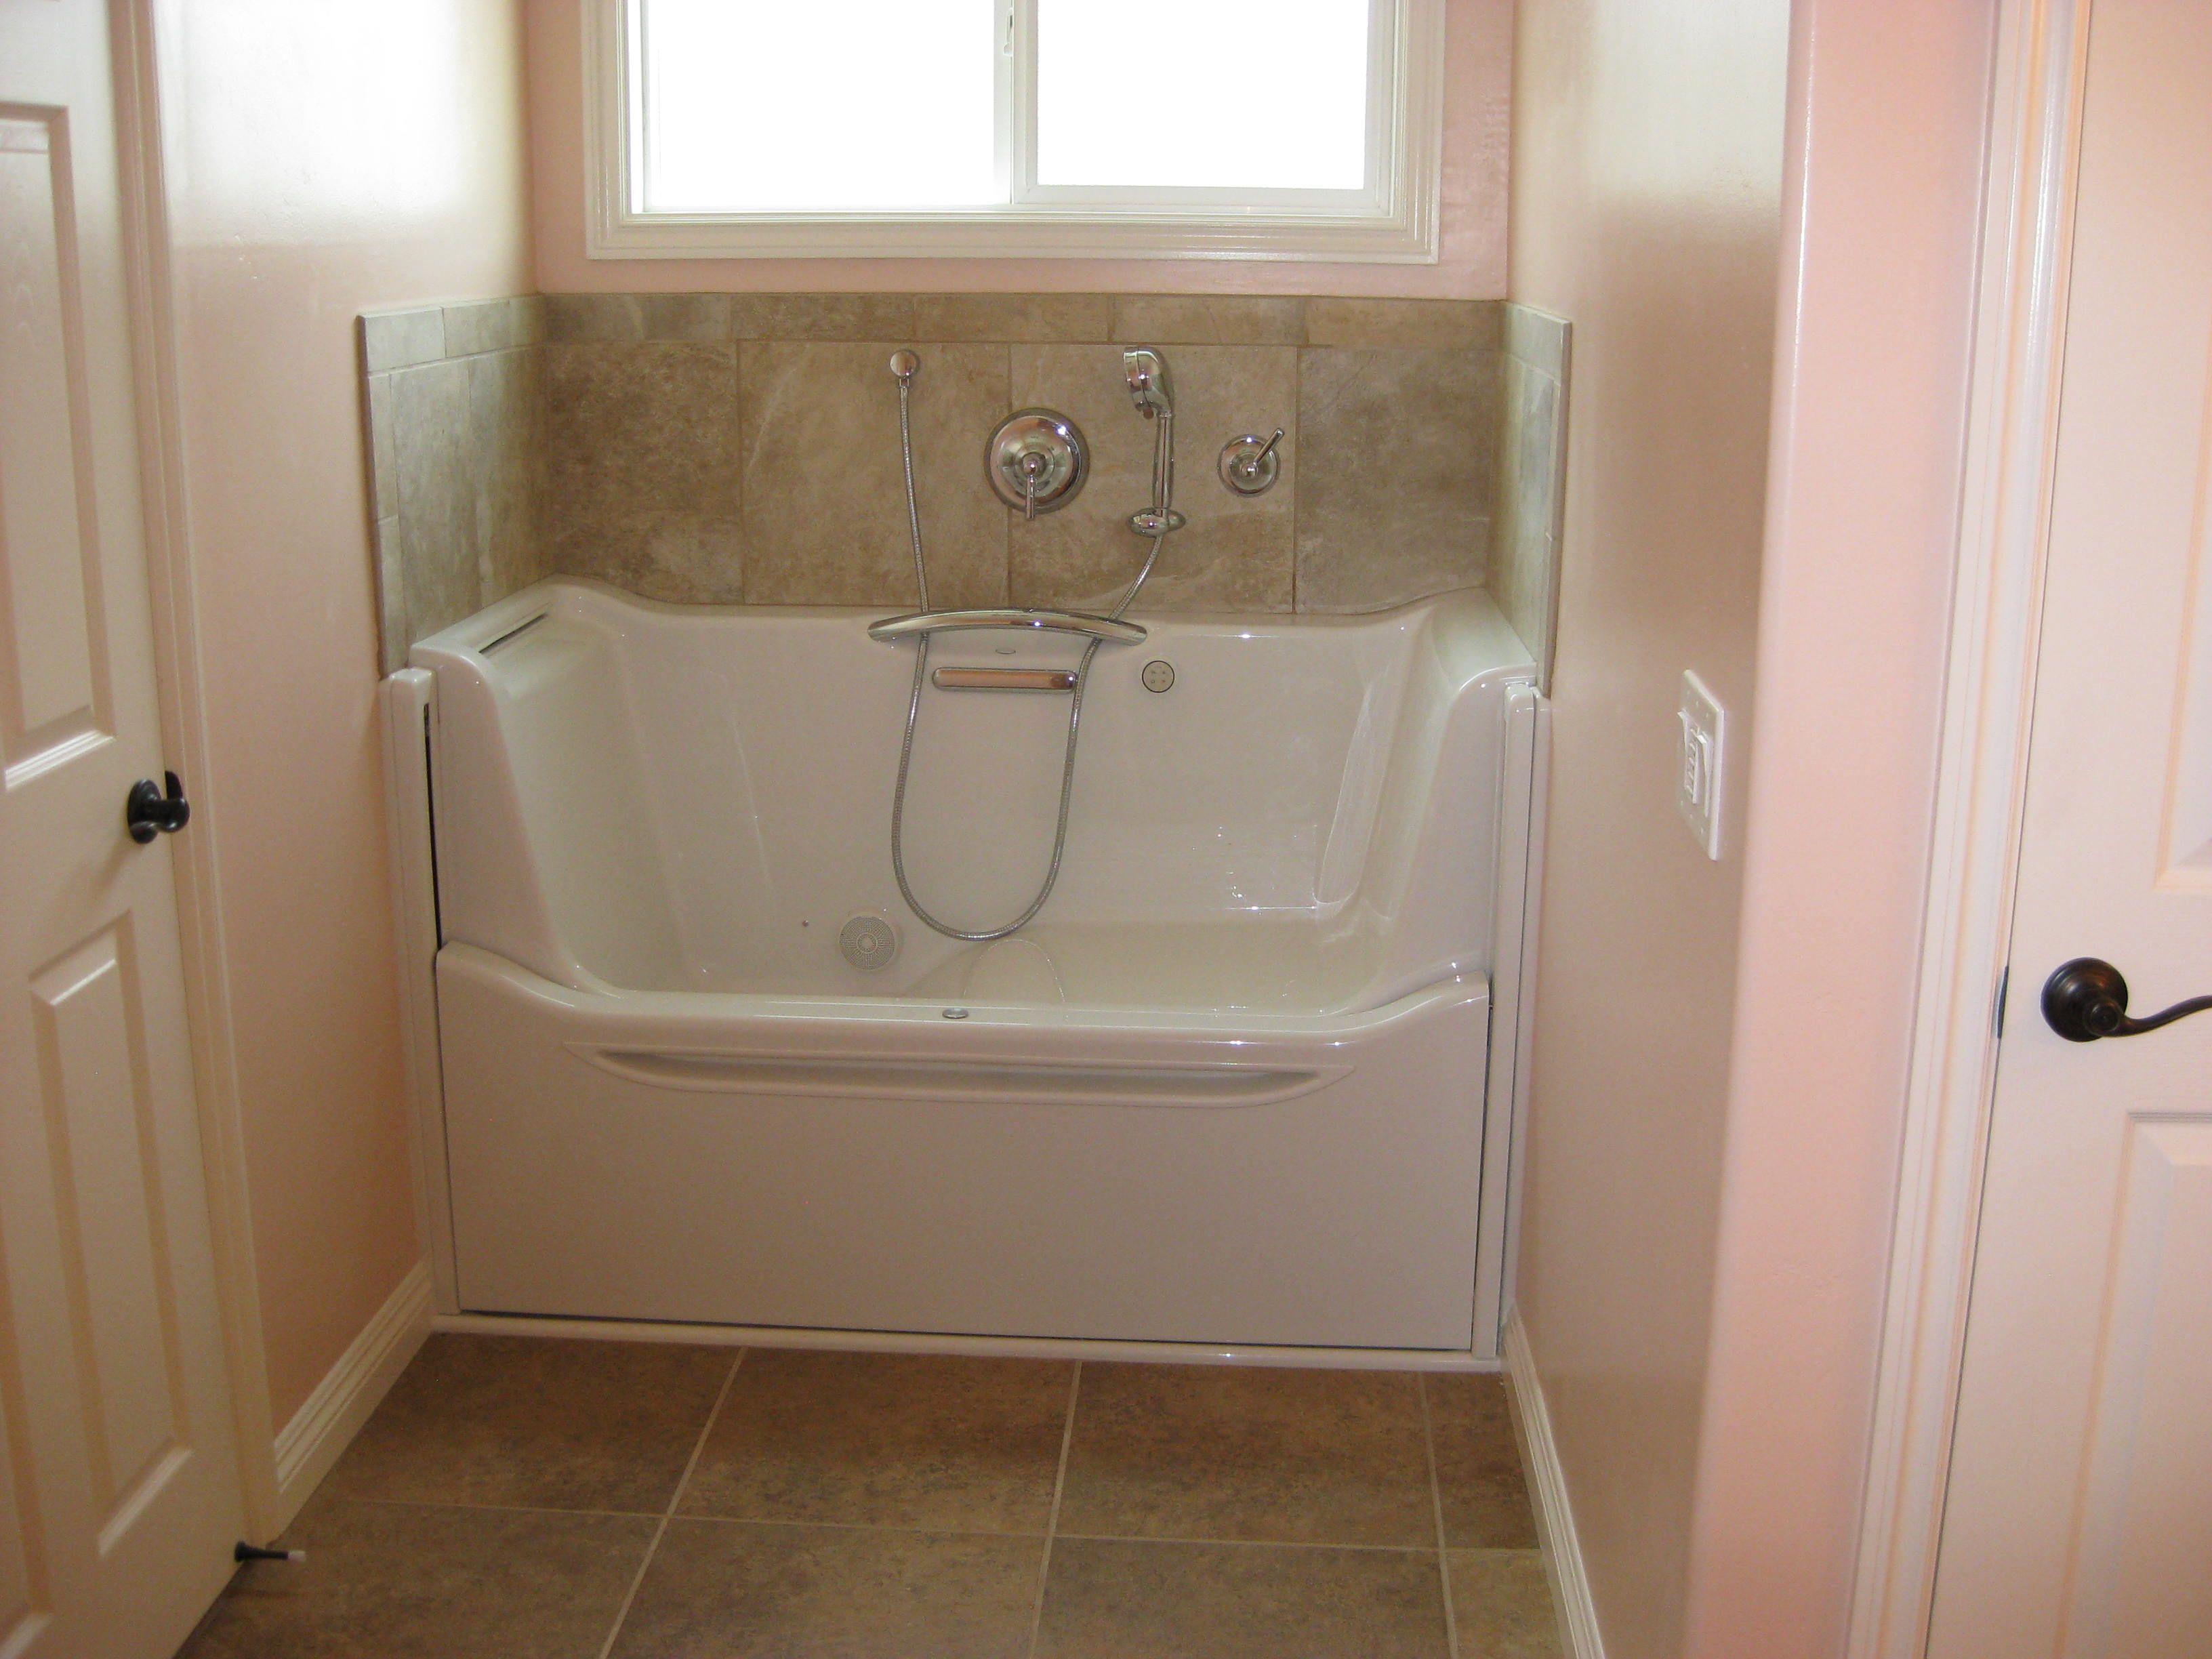 here is an elevance walk in tub by kohler freshly installed in elegant